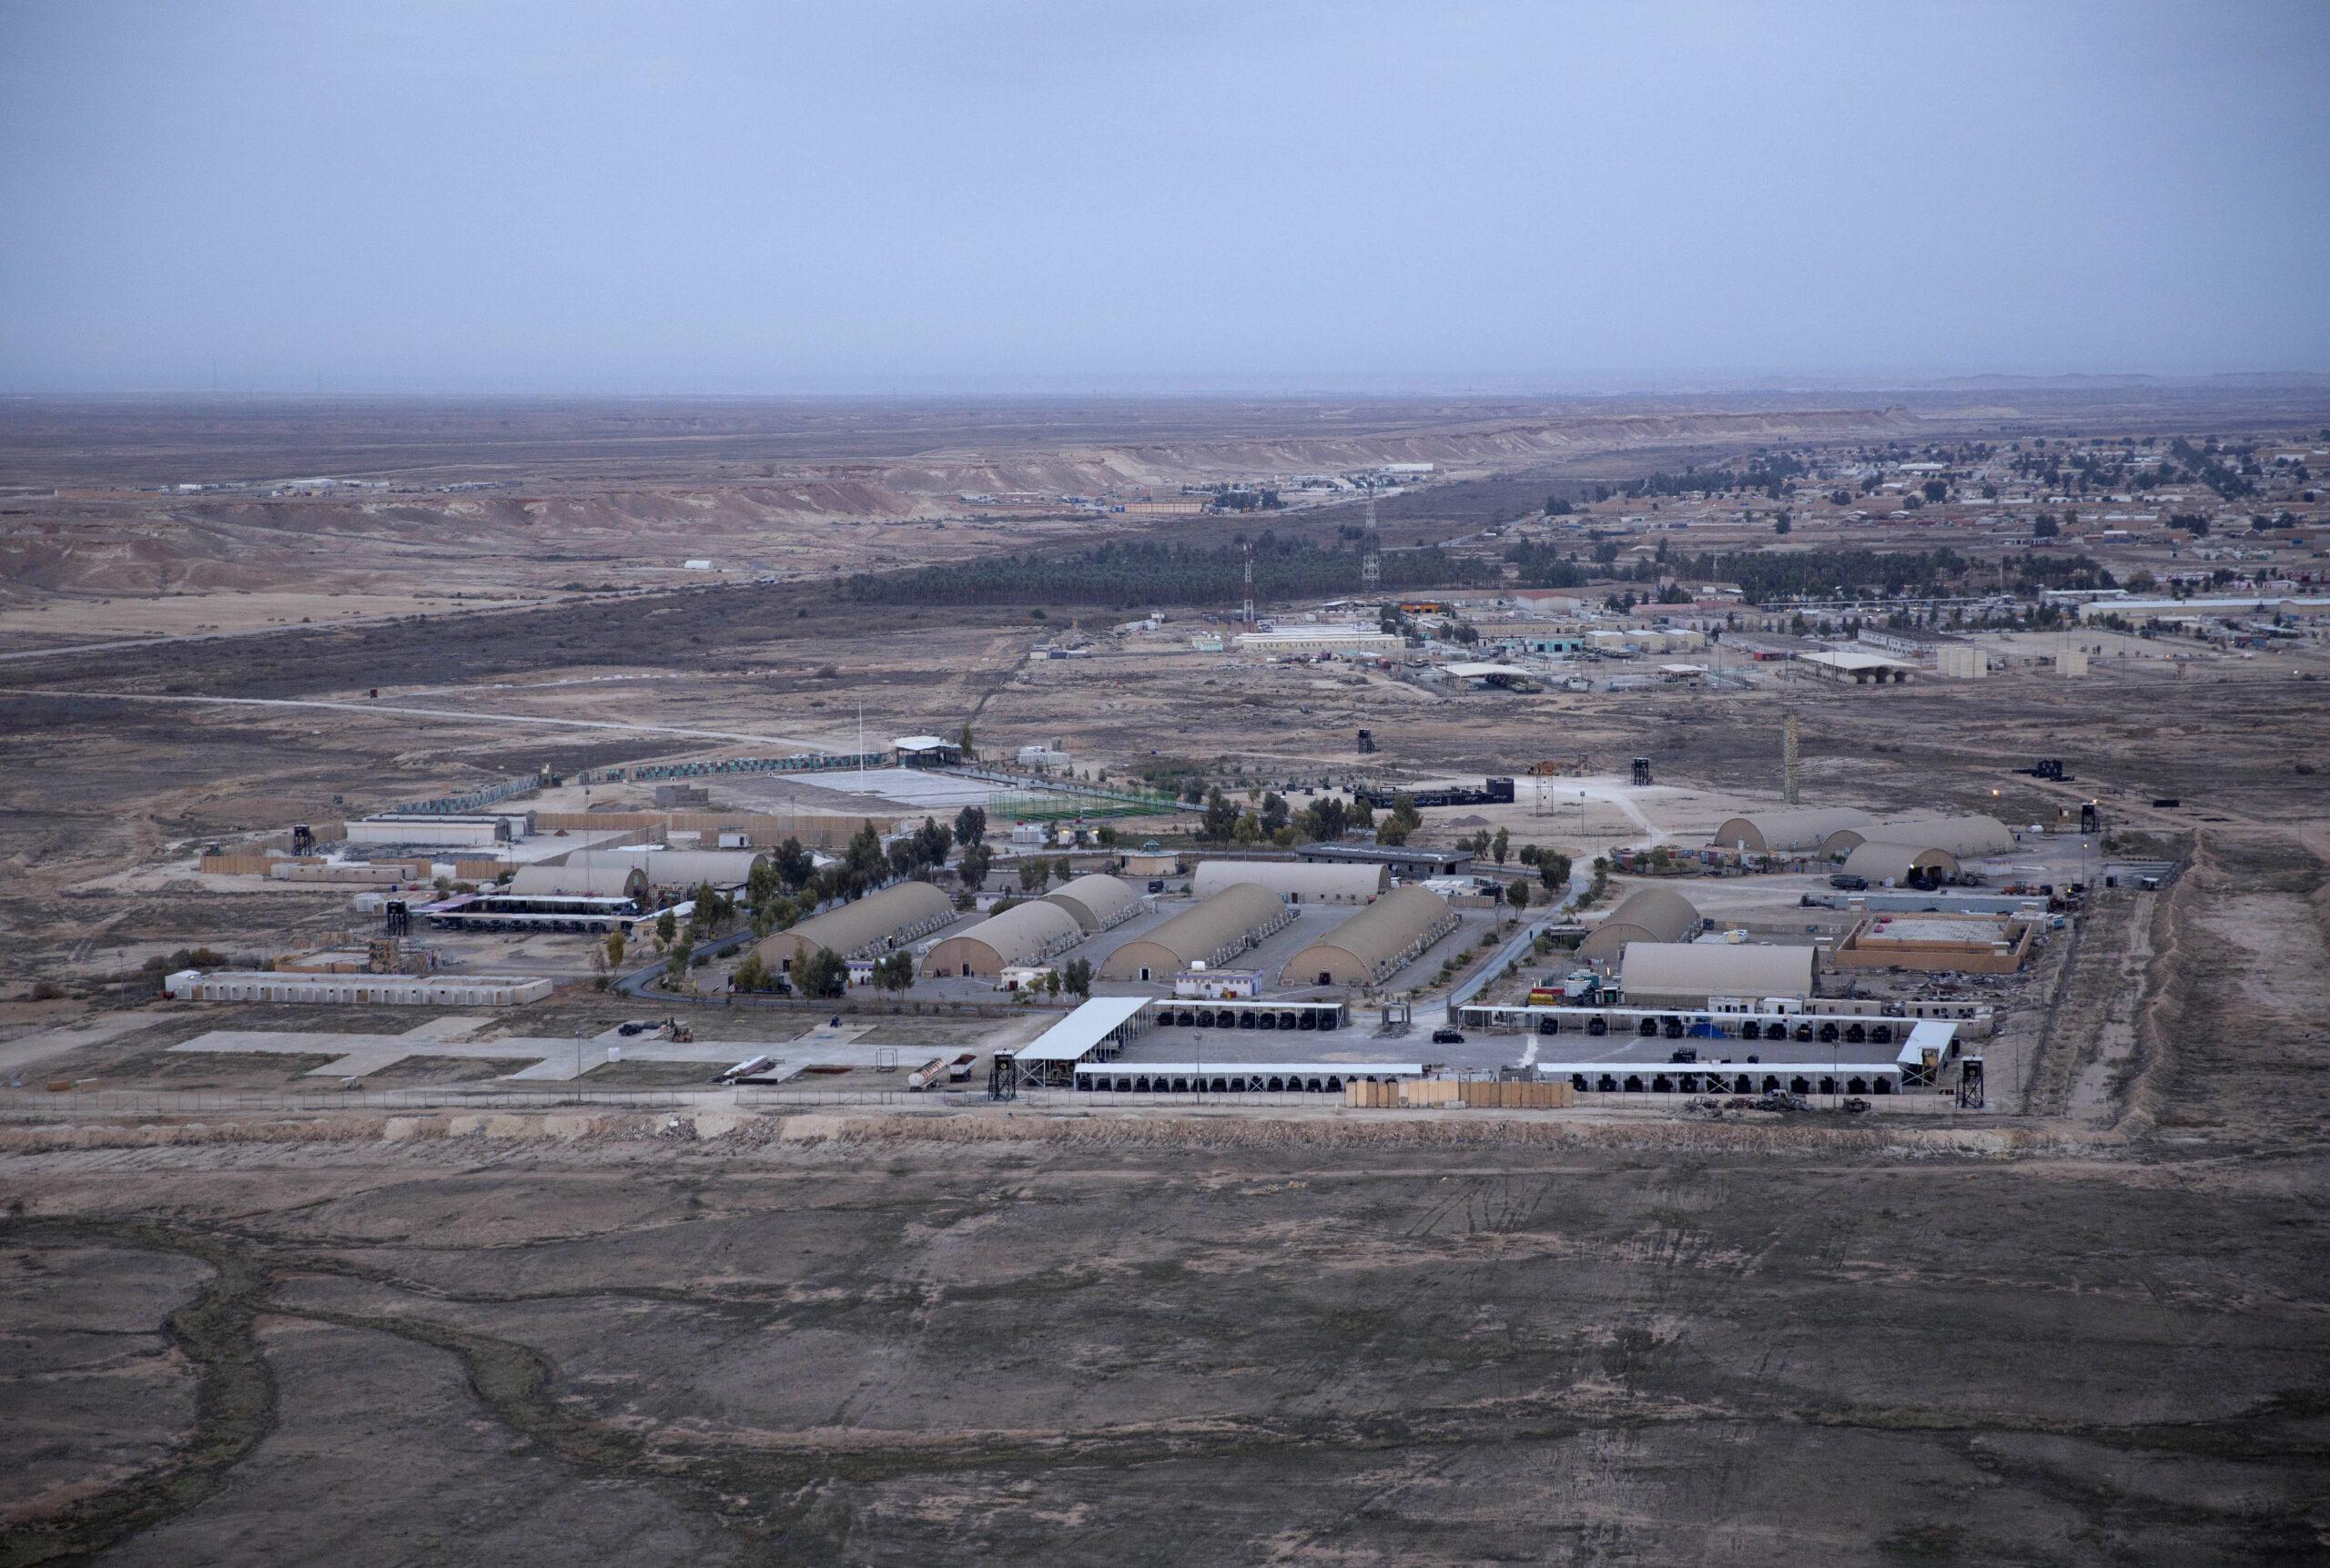 Nuovi attacchi tra Tel Aviv e Gaza: altri 2 morti israeliani, 213 quelli palestinesi. Stato ebraico abbatte l'unico laboratorio Covid della Striscia